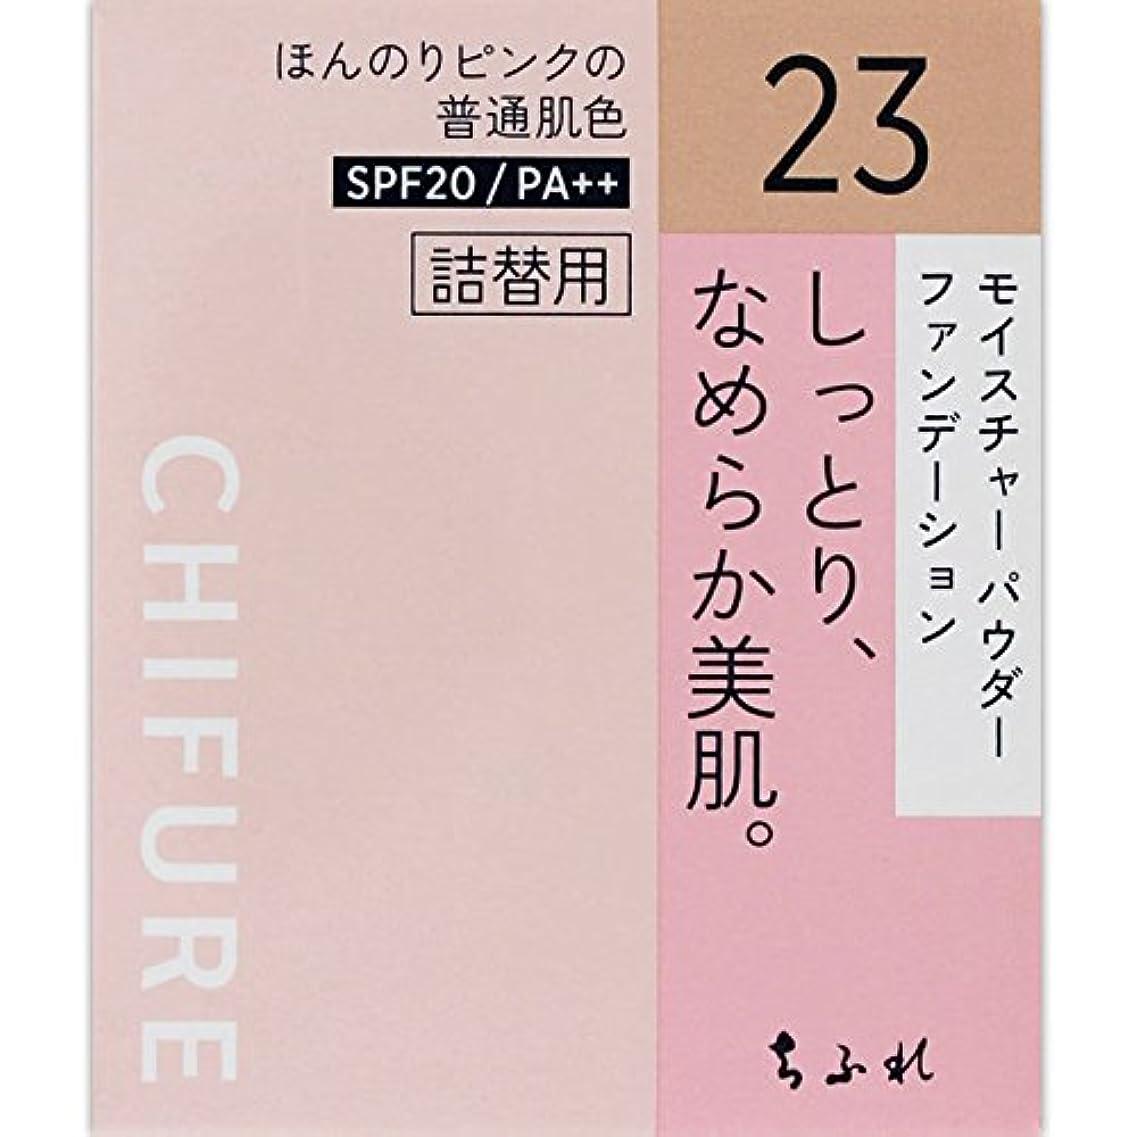 傾斜作るエチケットちふれ化粧品 モイスチャー パウダーファンデーション 詰替用 ピンクオークル系 MパウダーFD詰替用23